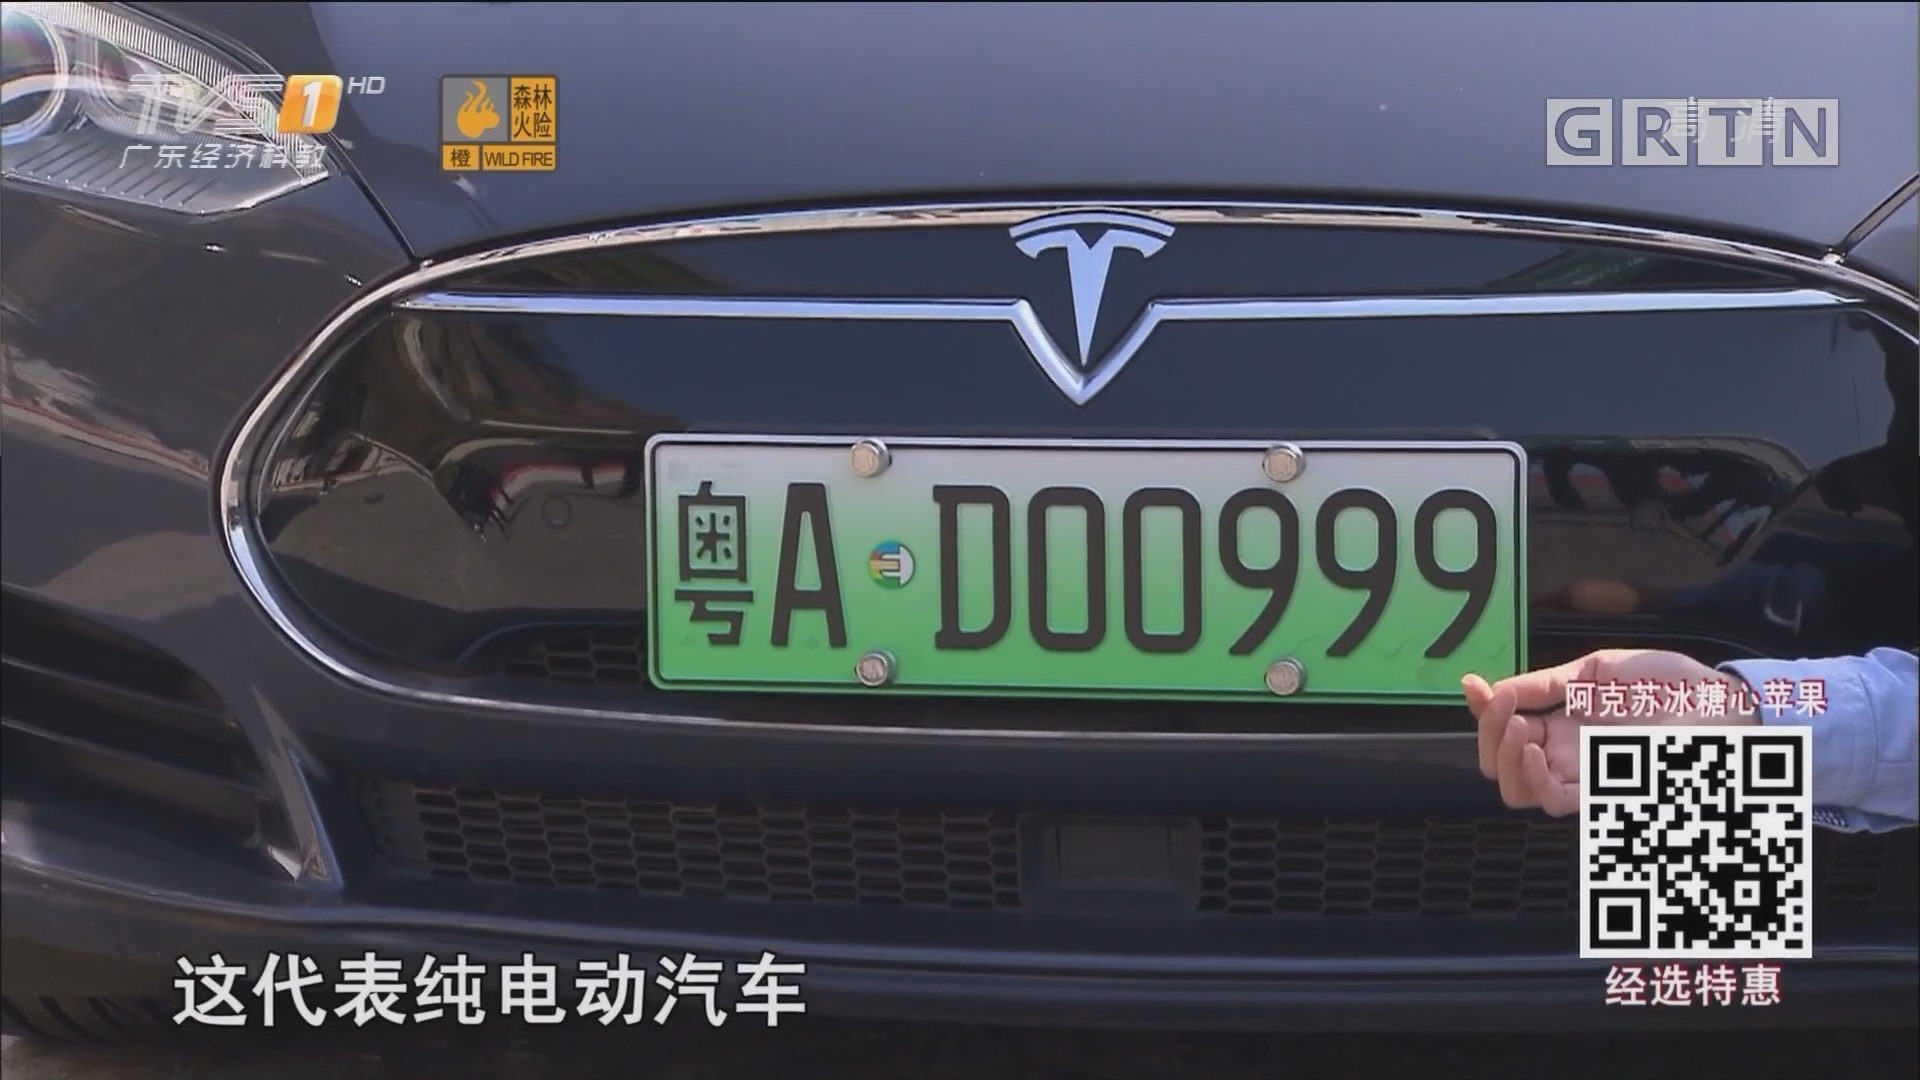 广州第一个新能源车牌诞生 999等连号靓号都可选